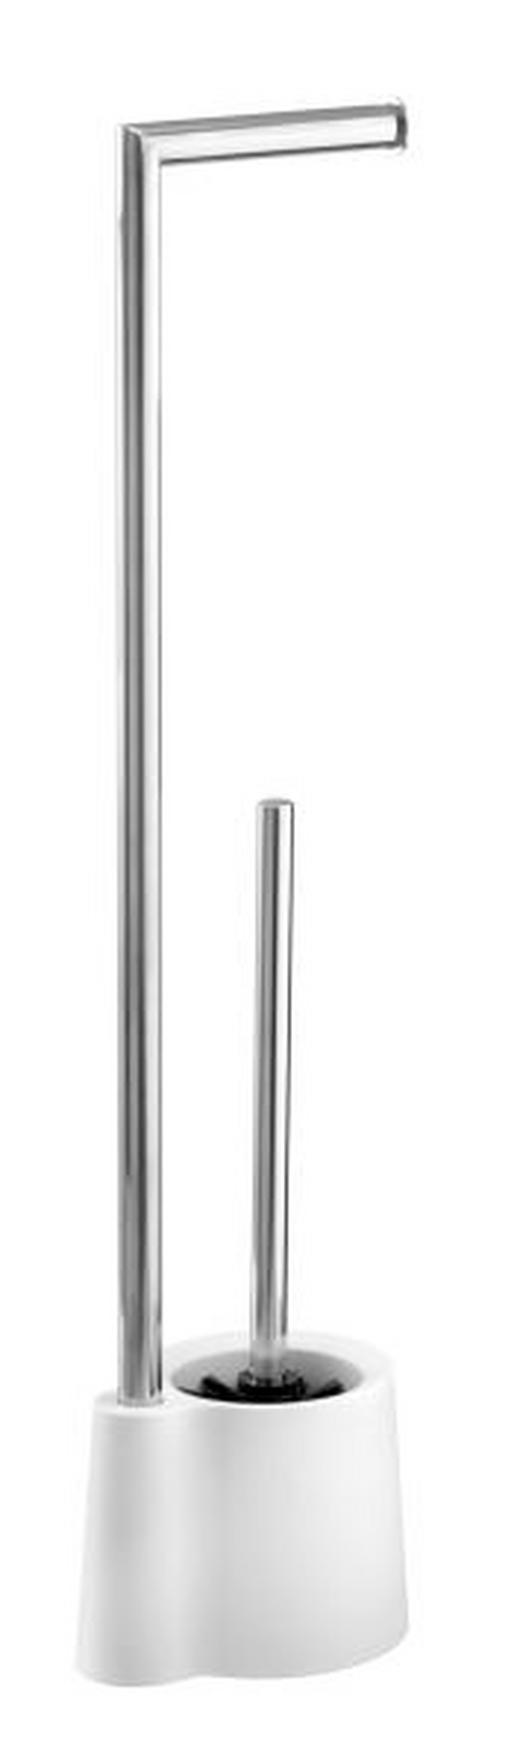 WC-BÜRSTENKOMBINATION - Chromfarben/Weiß, KONVENTIONELL, Kunststoff/Metall (13/16/66,5cm)